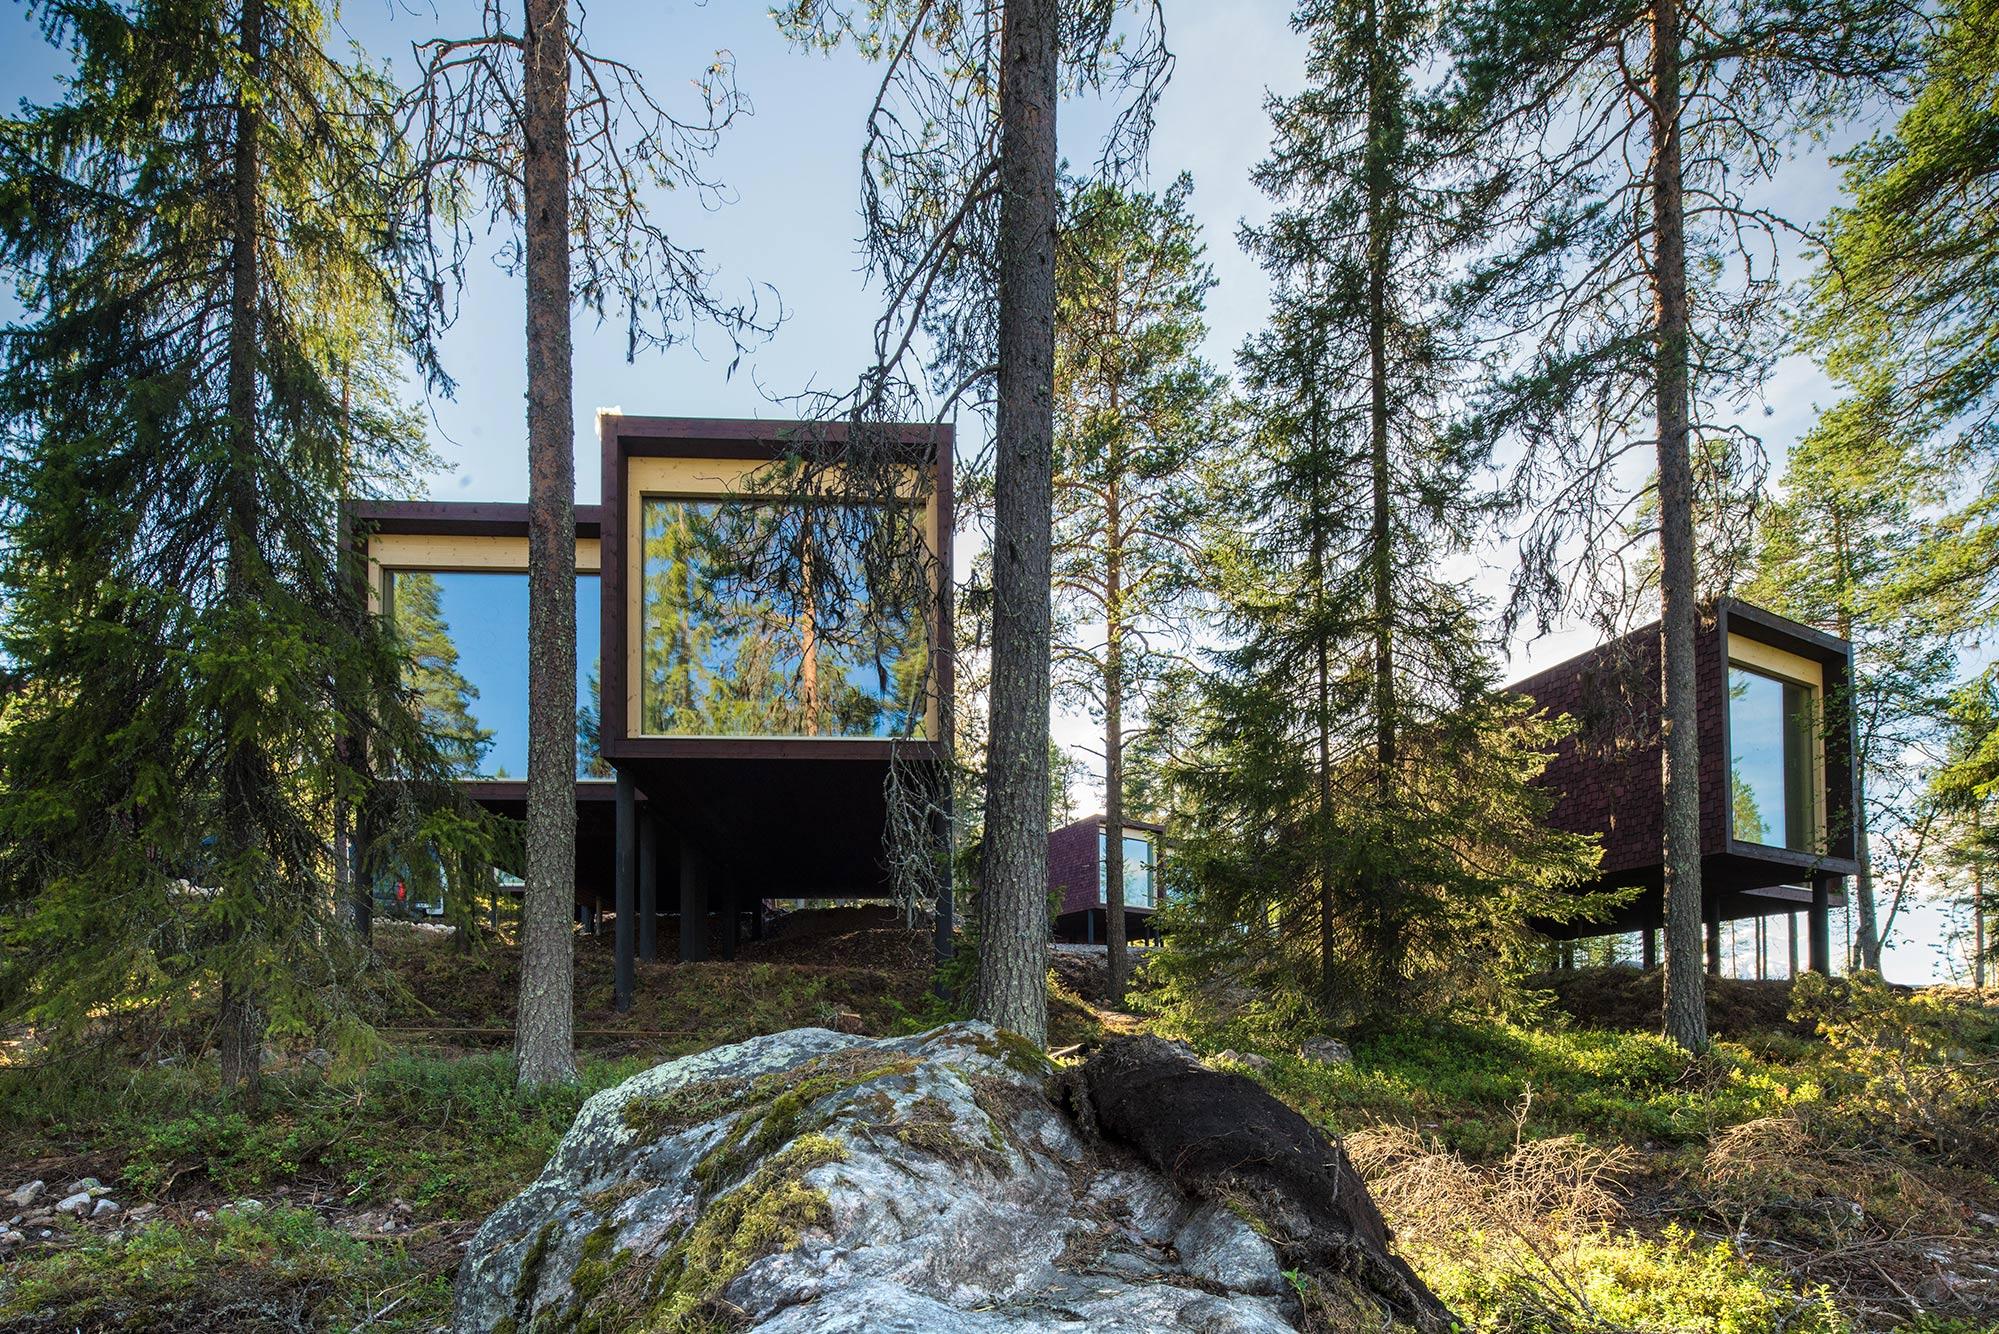 Arctic TreeHouse Hotel sviitit ulkoa